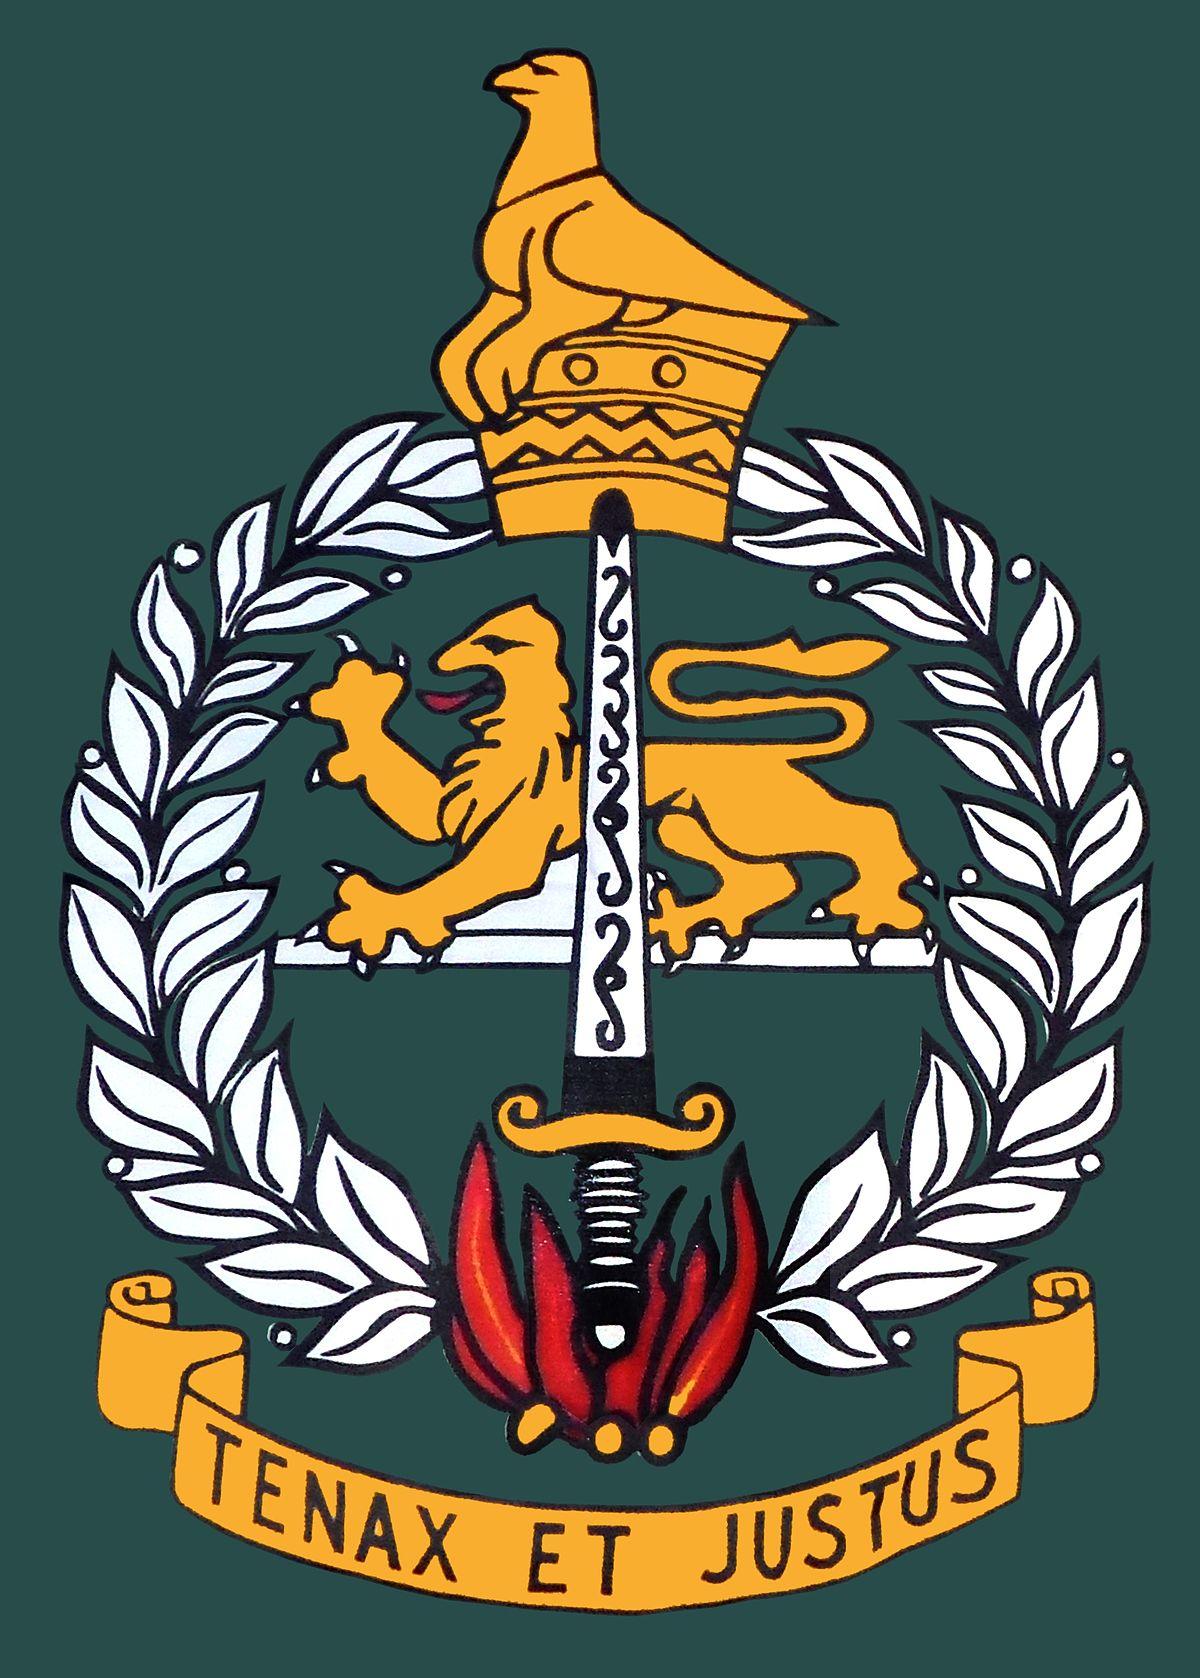 Rhodesia Prison Service